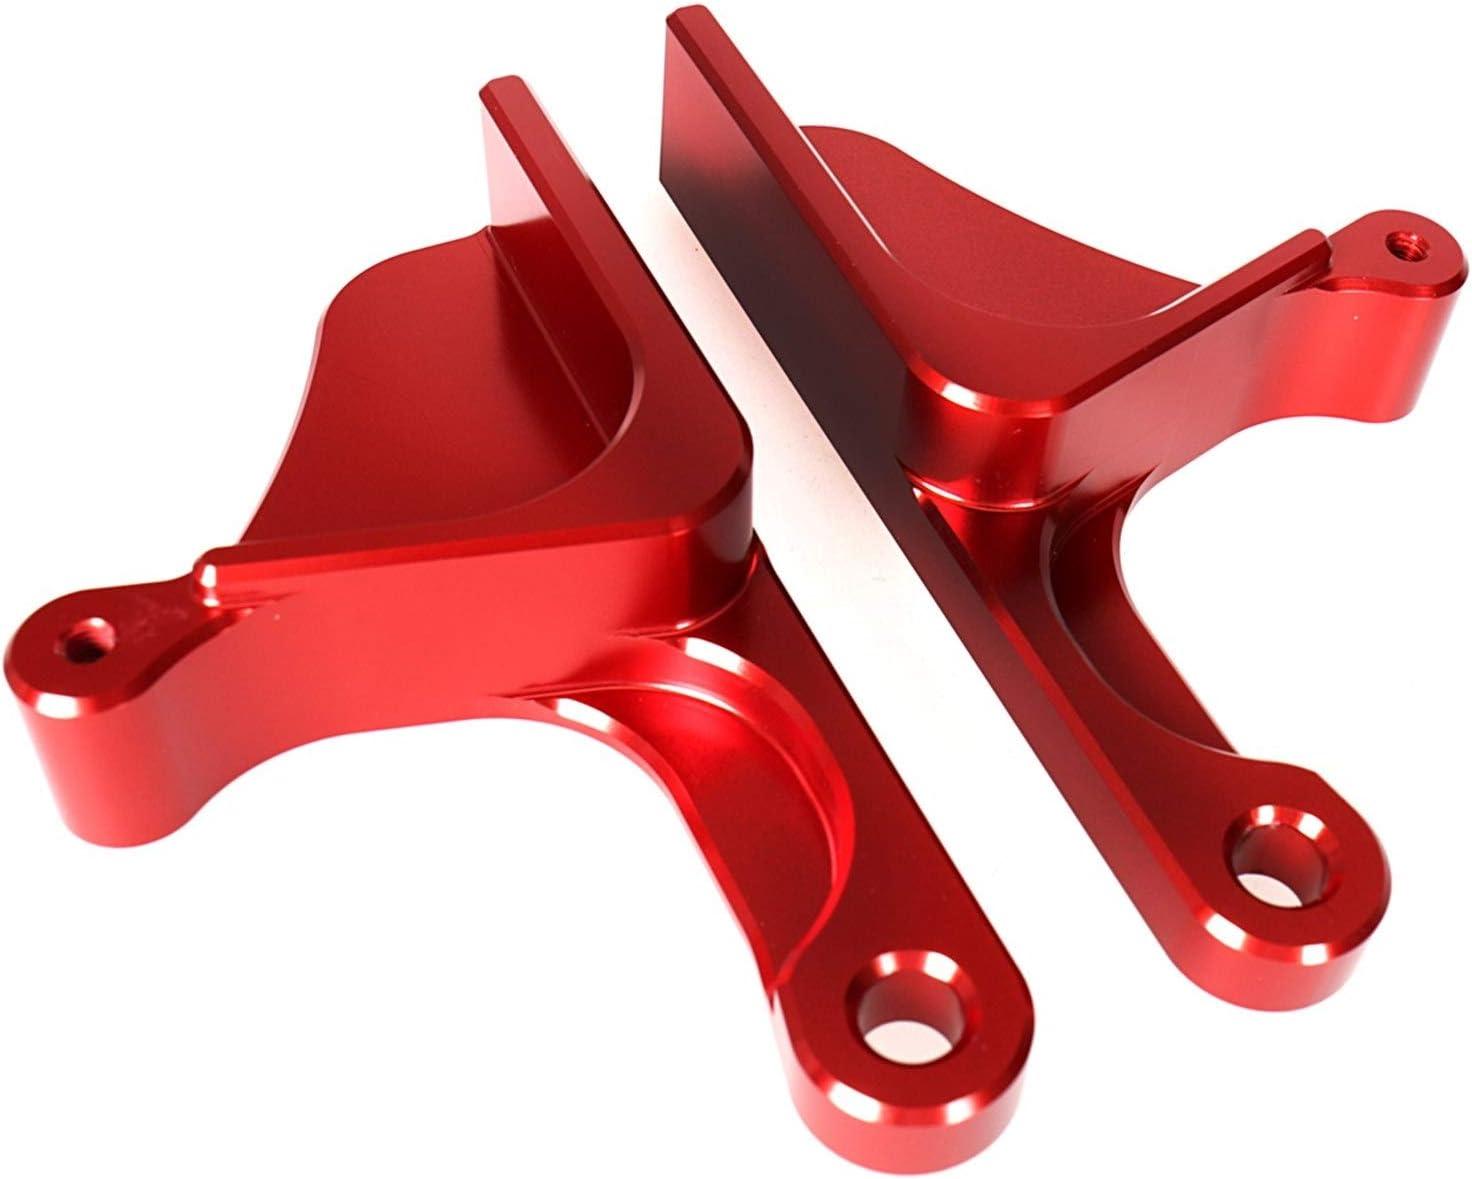 ZXC Izquierda y Derecha Rojo Billet Aluminio anodizado Puerta Manejar Conjuntos Aptos for la Can-Am Maverick X3 2017 2018 2019 La instalación es Simple y Conveniente (Color : Red)